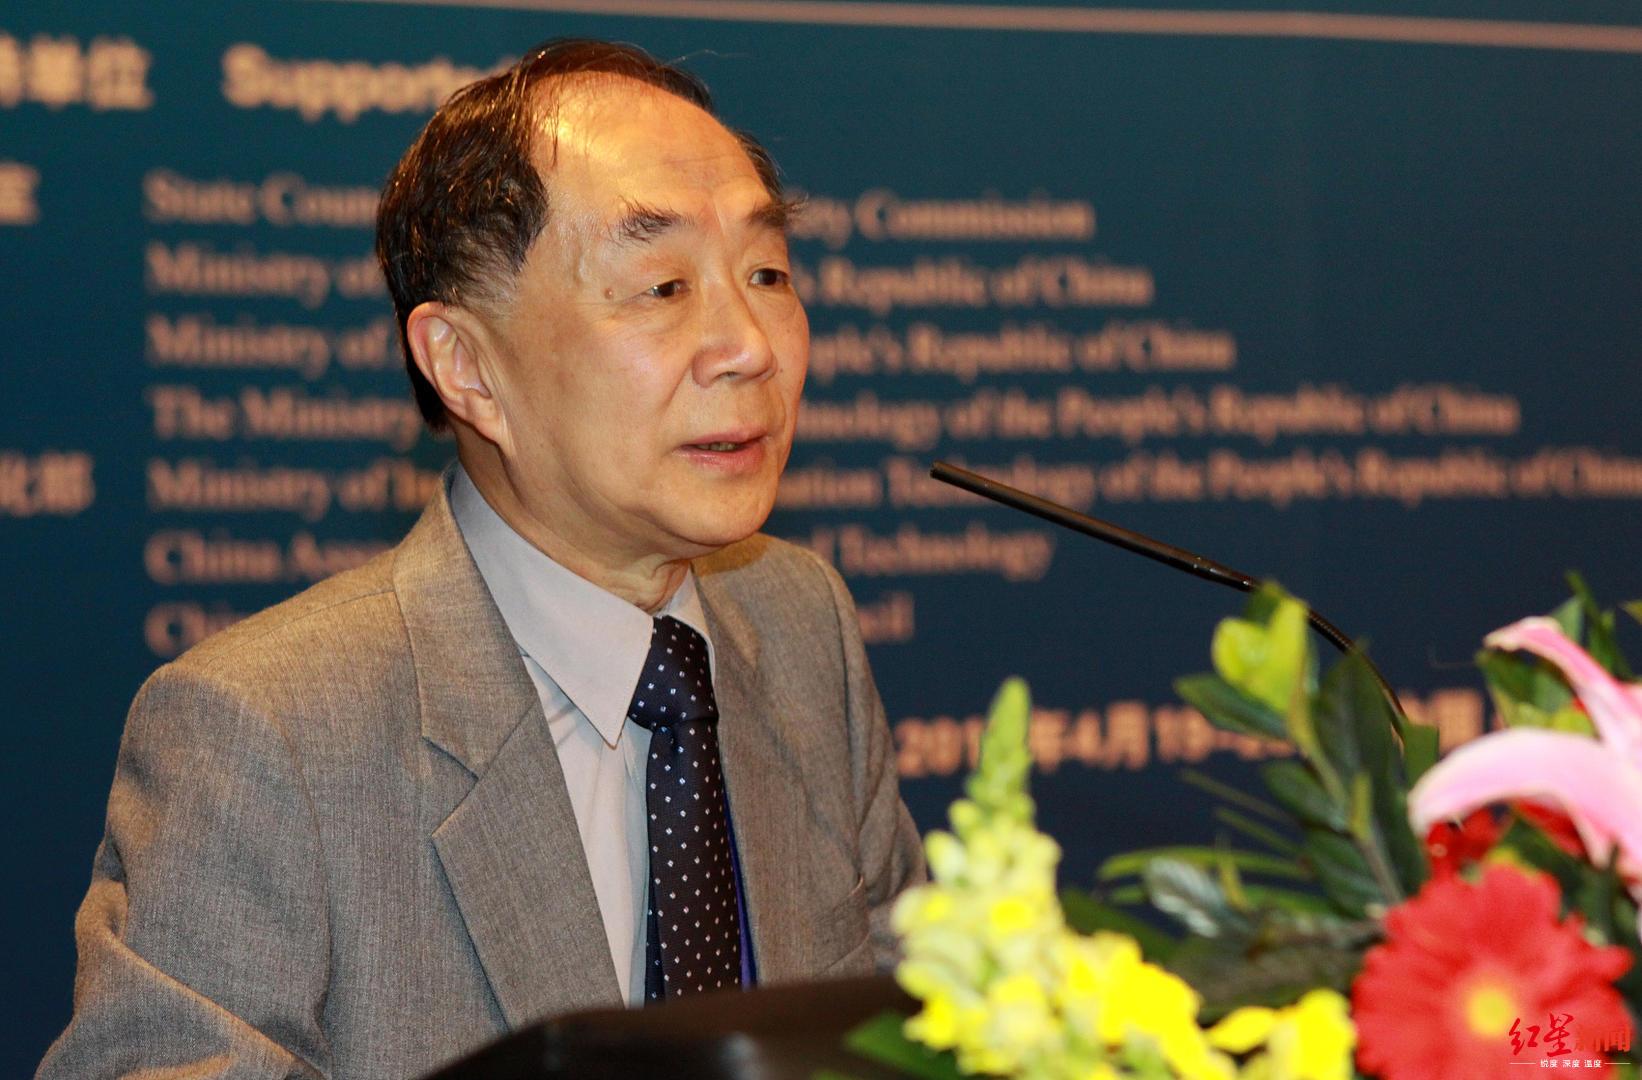 食品安全专家陈君石直言:消费者对中国食品安全信心不足